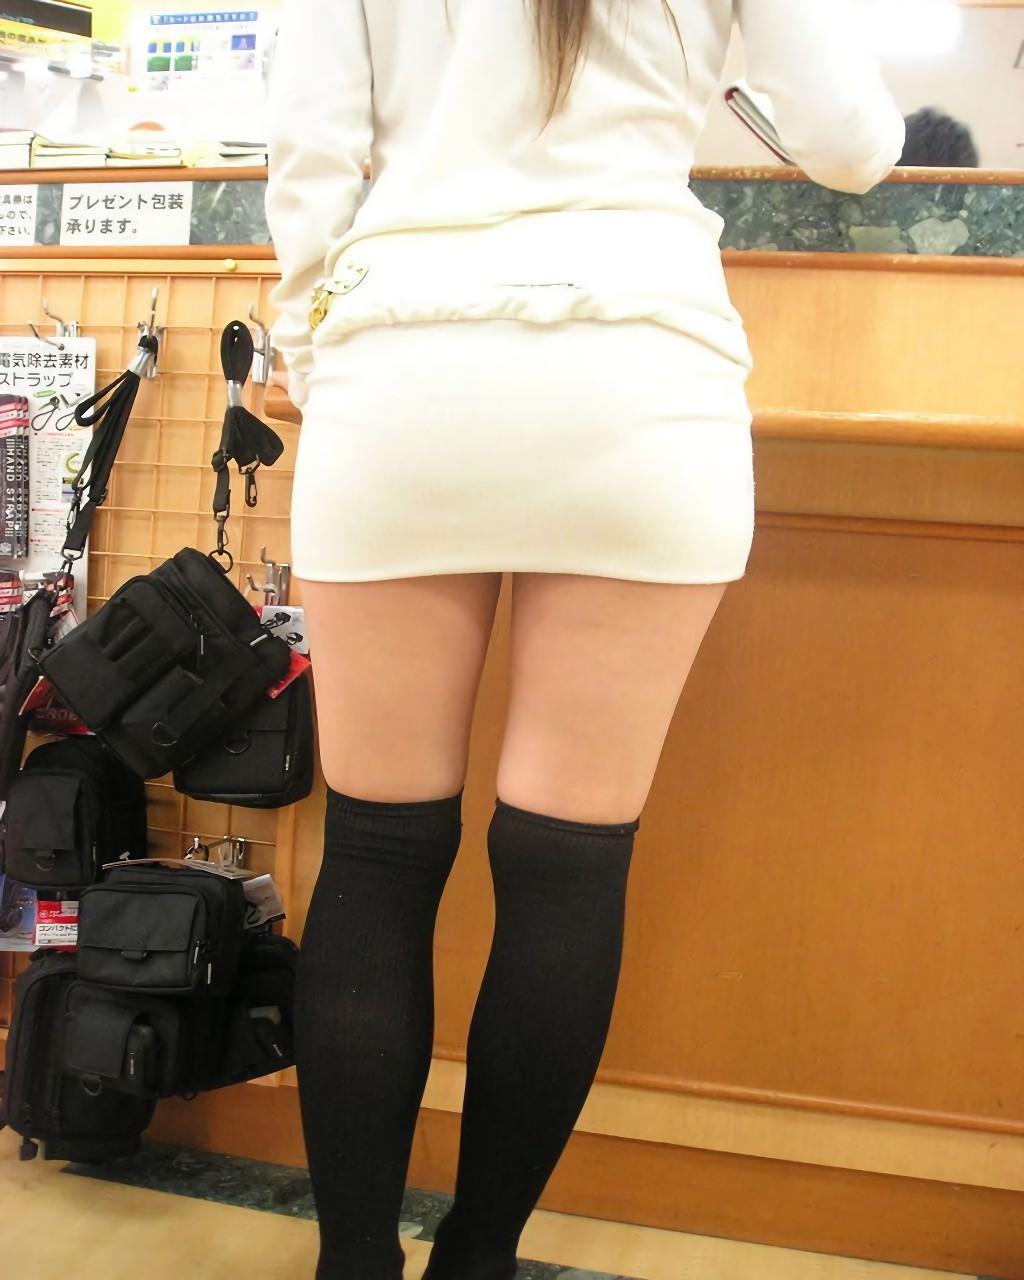 三次元 3次元 エロ画像 ミニスカート 美脚 べっぴん娘通信 15